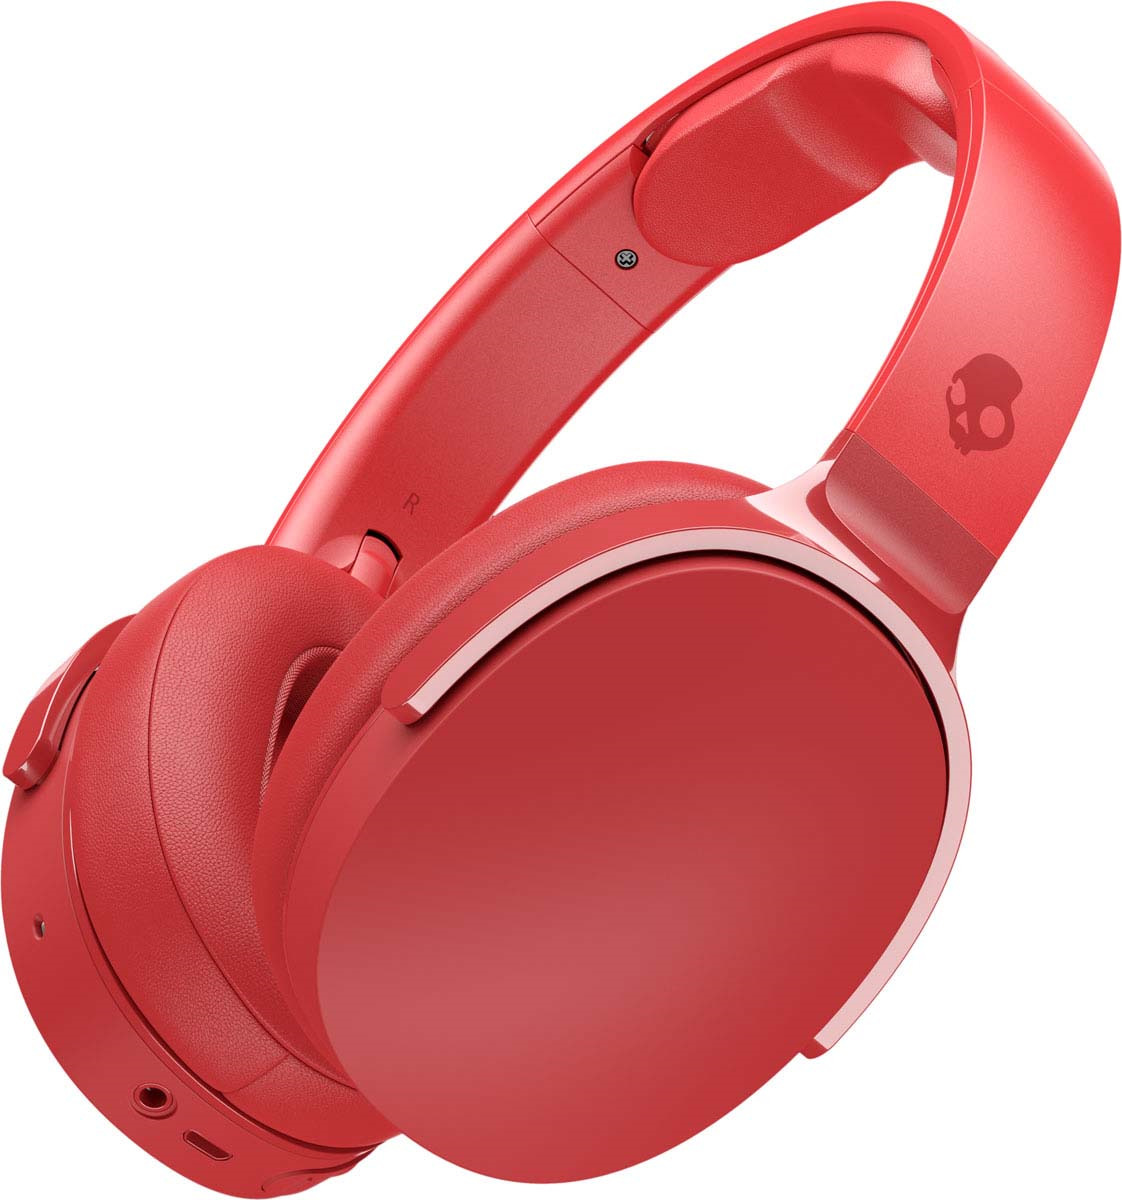 Беспроводные наушники Skullcandy Hesh 3 Wireless, красный наушники skullcandy jib pink